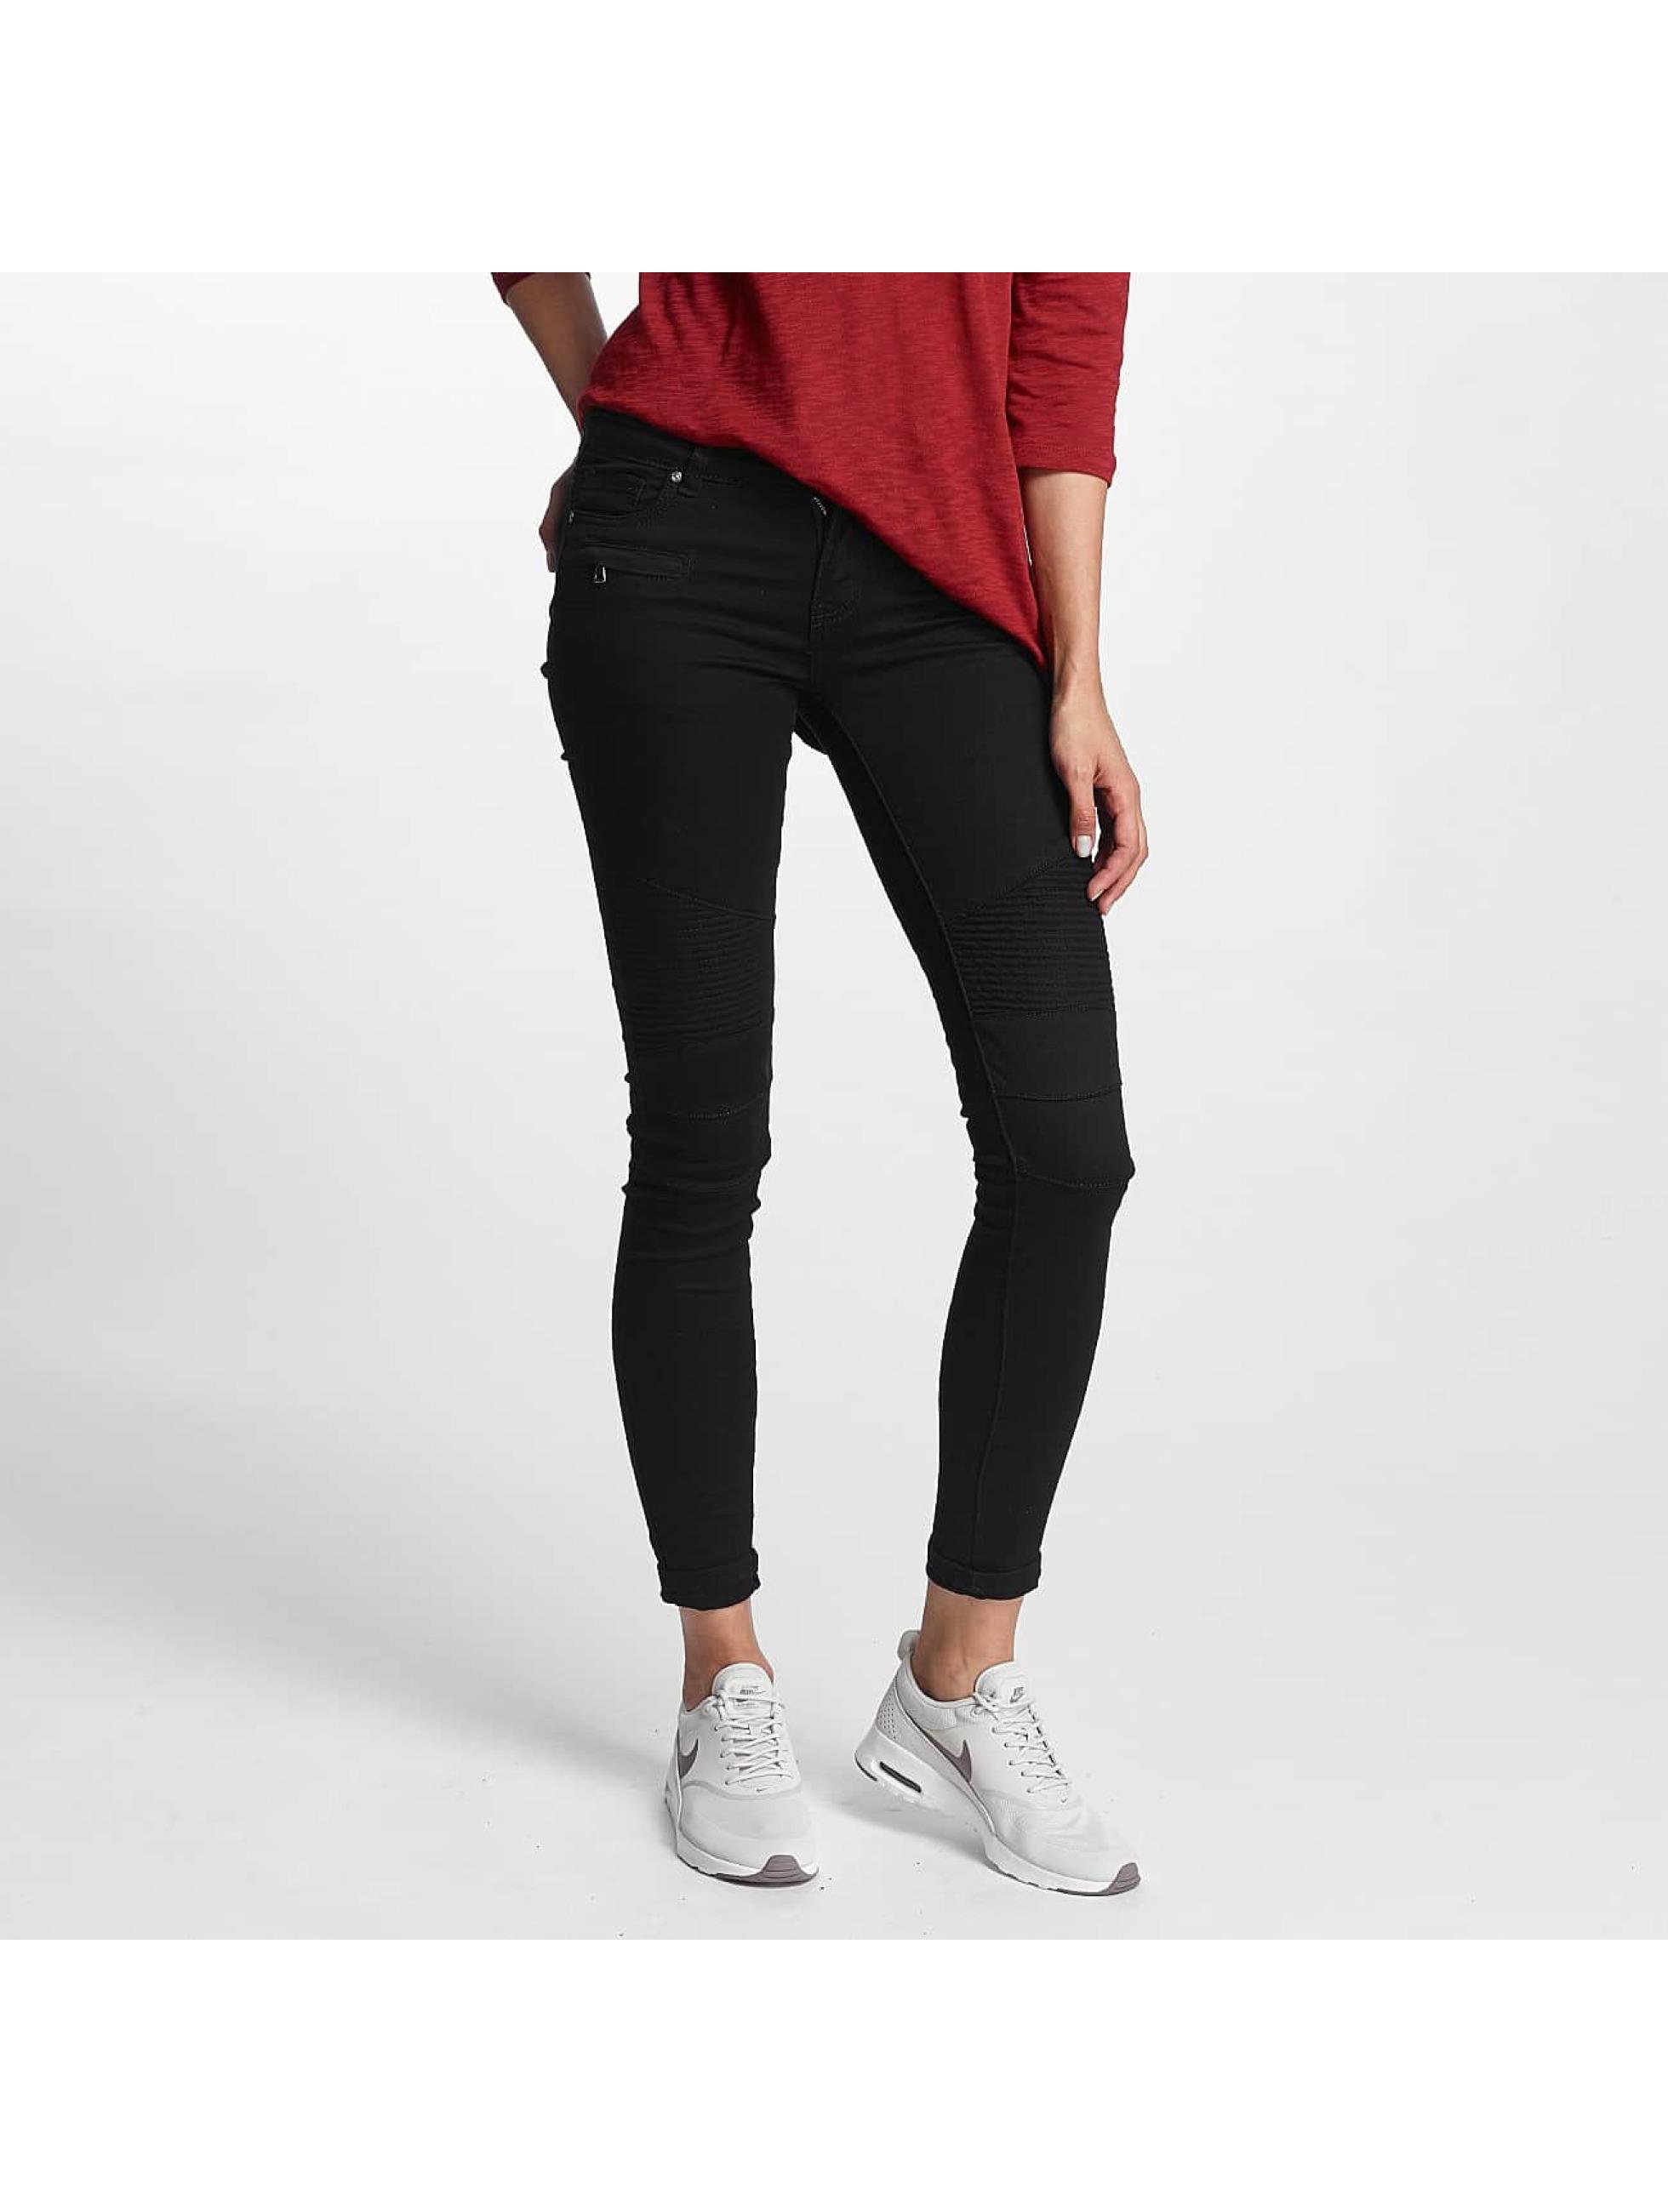 Hailys / Skinny Jeans Kina Biker in black